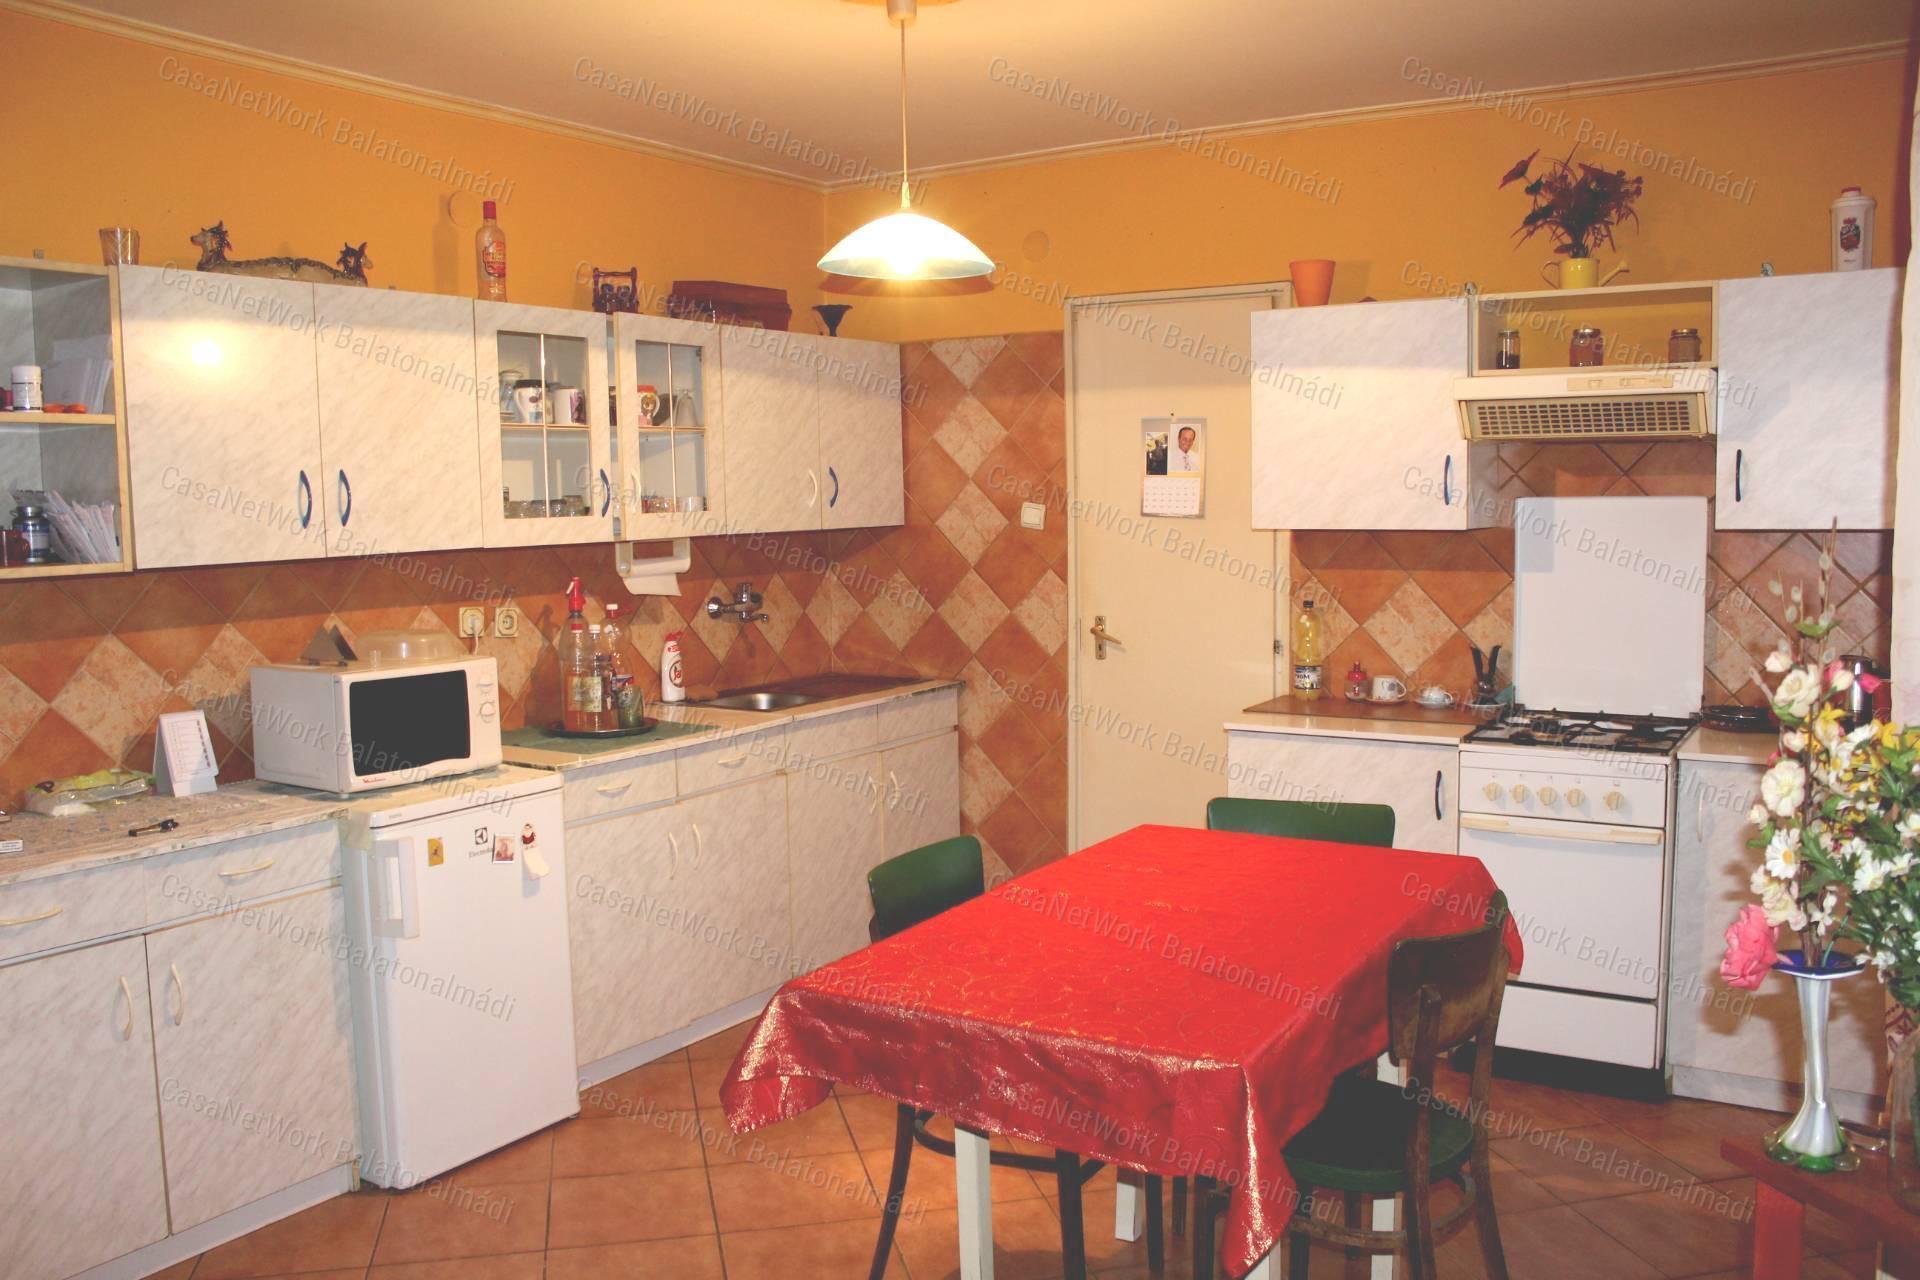 Eladó családi ház, Veszprém megye, Berhida - sz.: 163700820 - CasaNetWork.hu